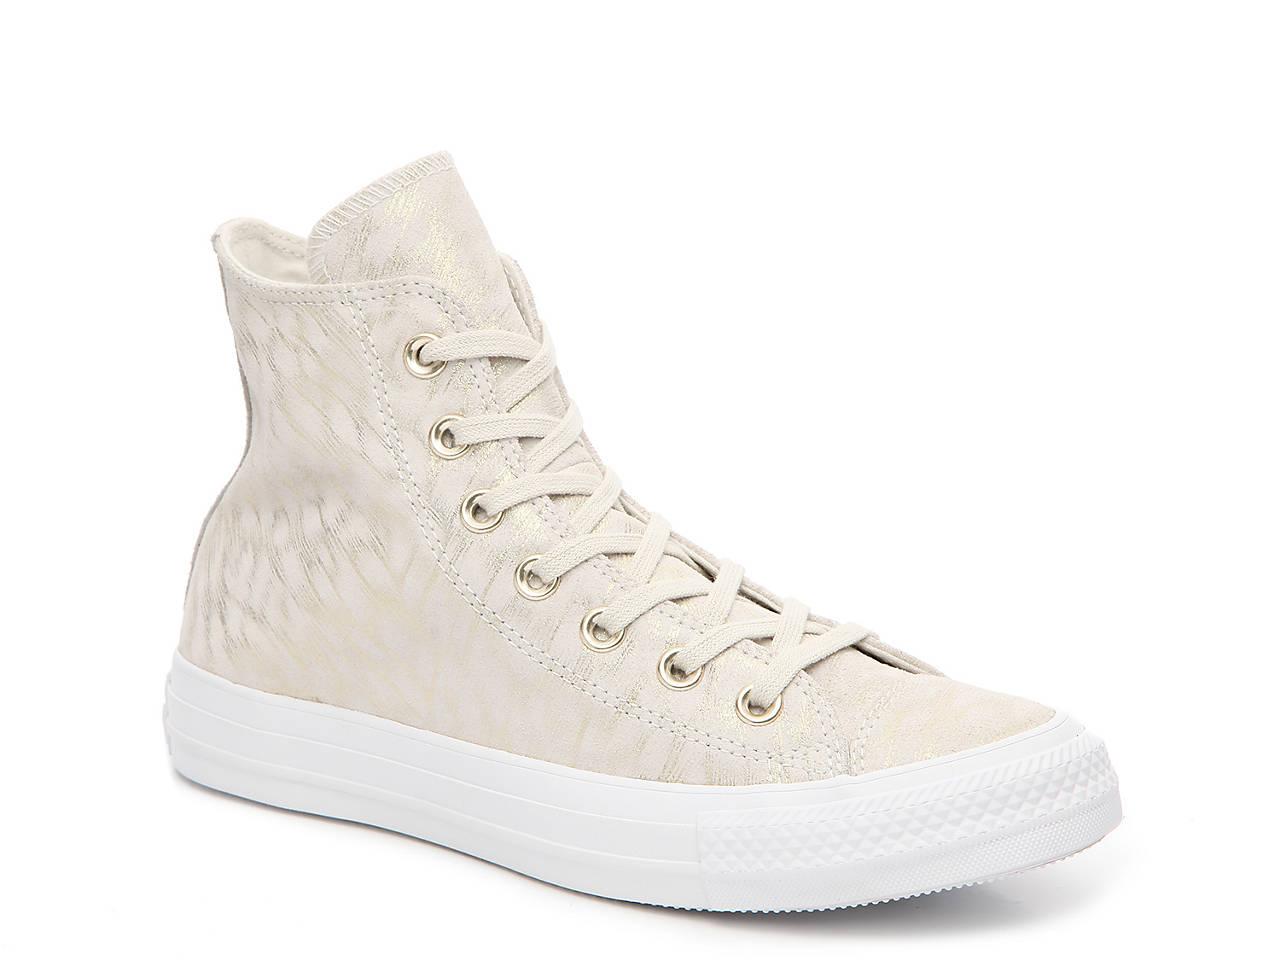 8781b6d6fadde4 Converse Chuck Taylor All Star Shimmer High-Top Sneaker - Women s ...